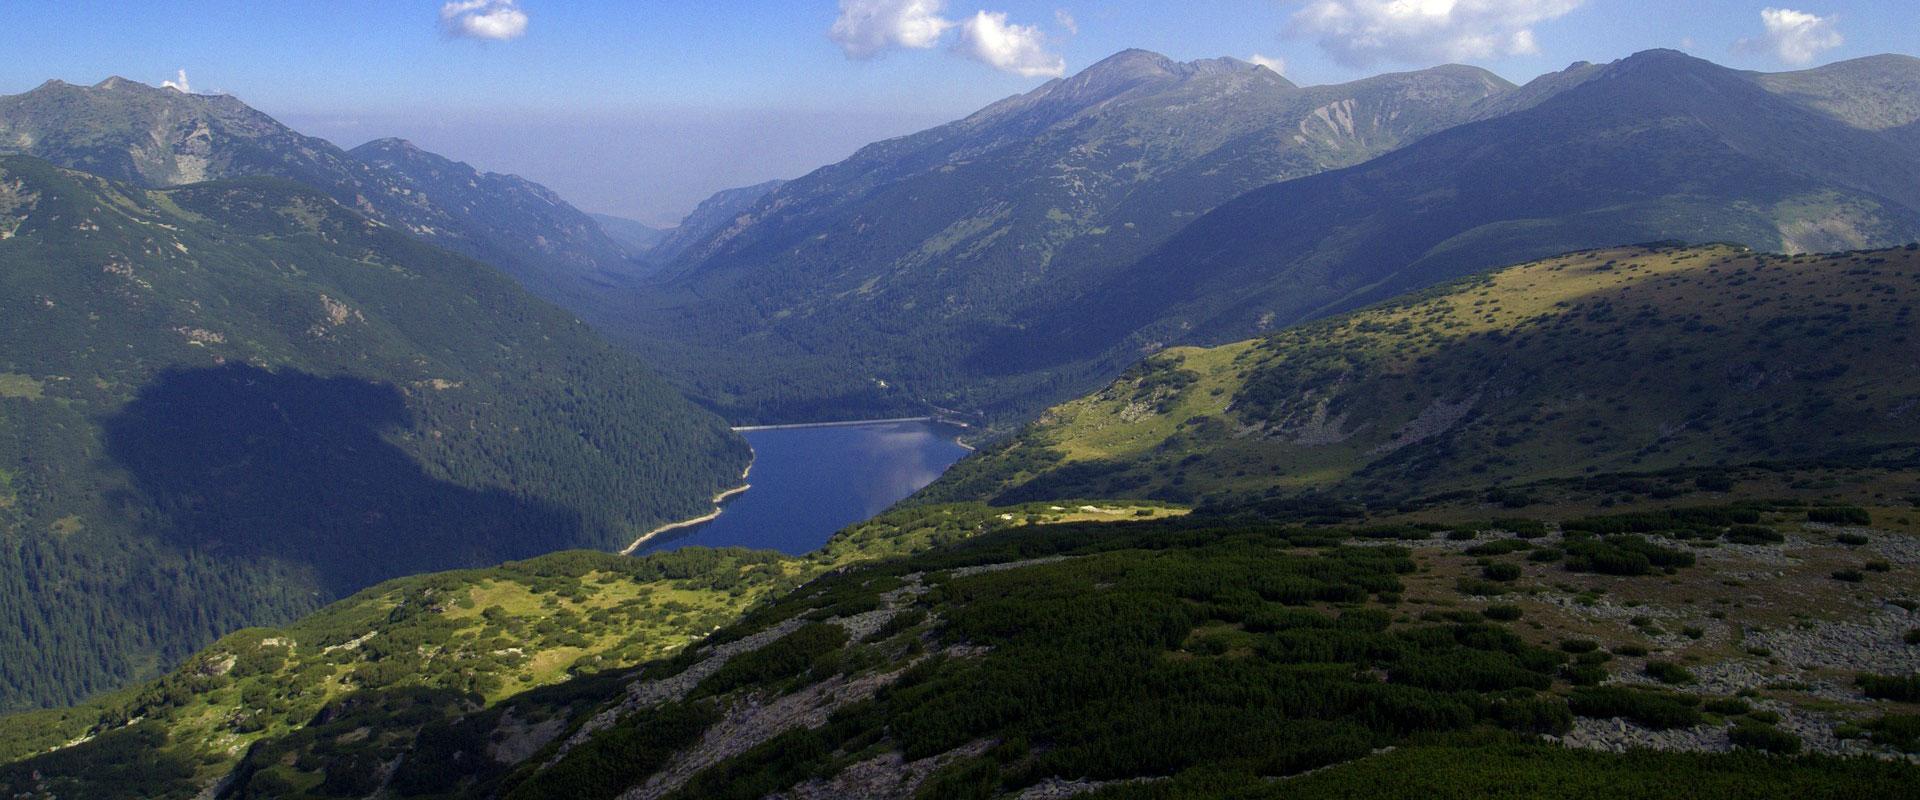 Vandring i Rila- og Pirinbjergene